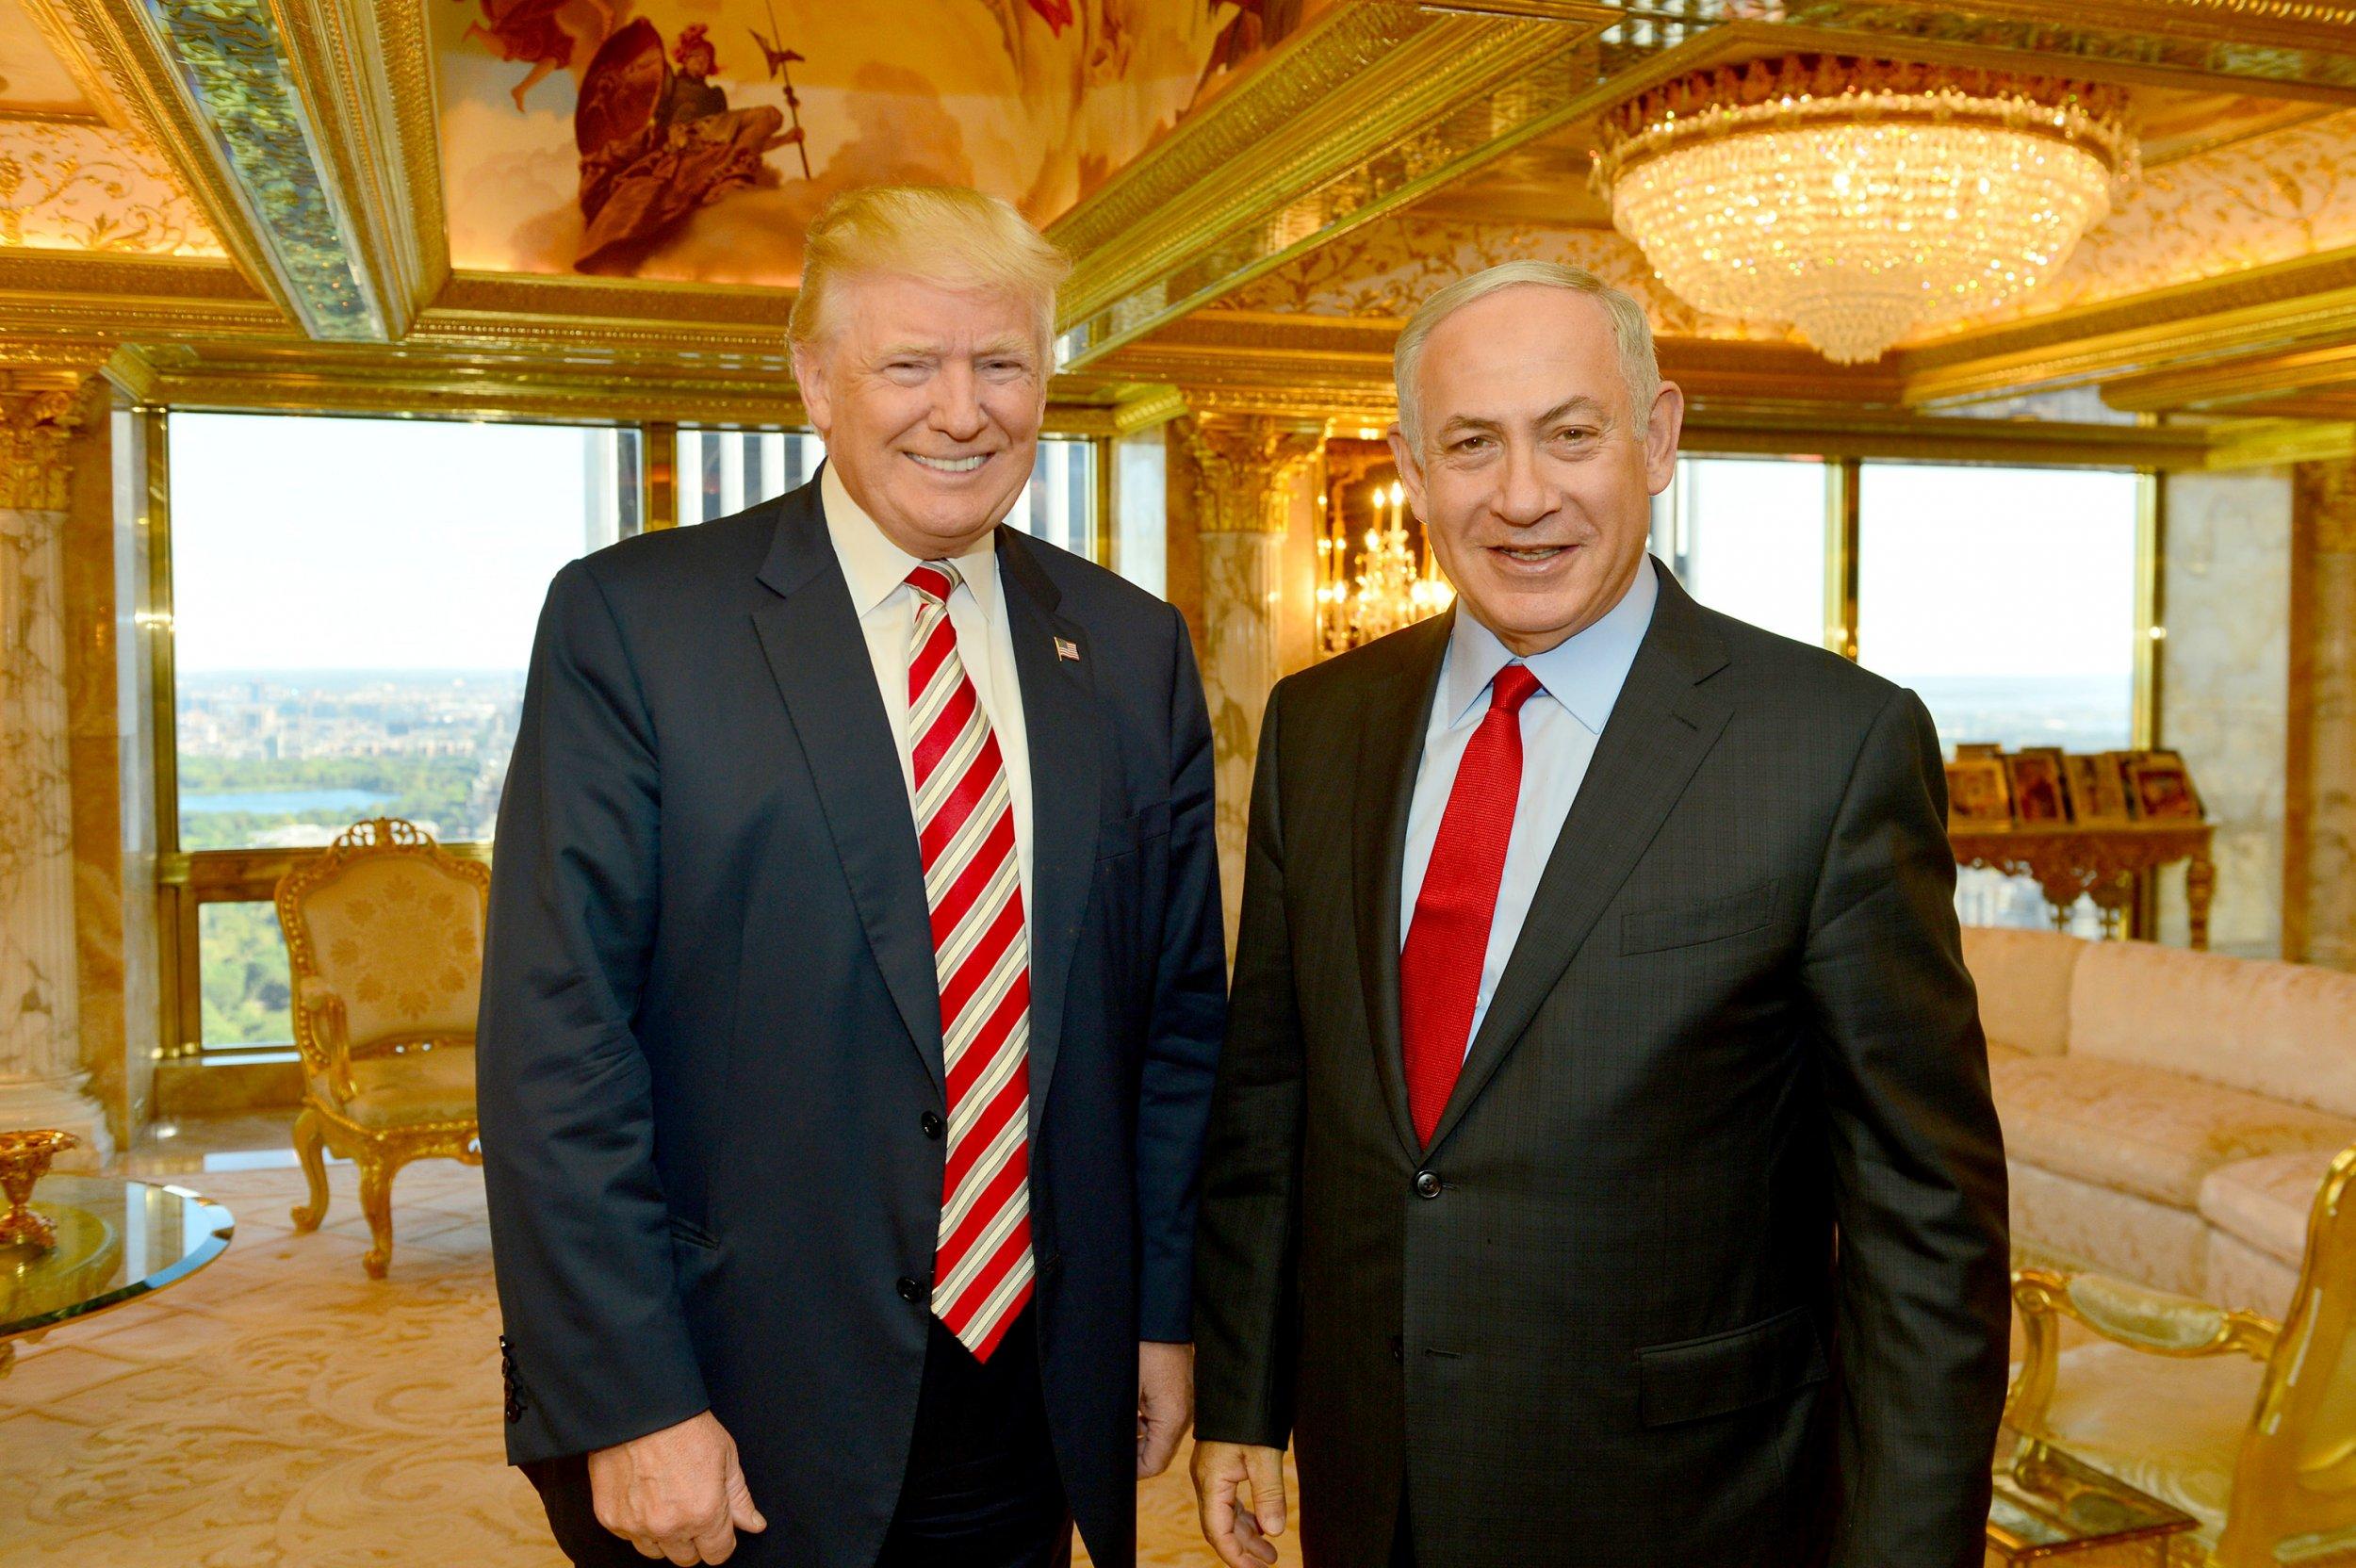 11_25_Trump_Bibi_01